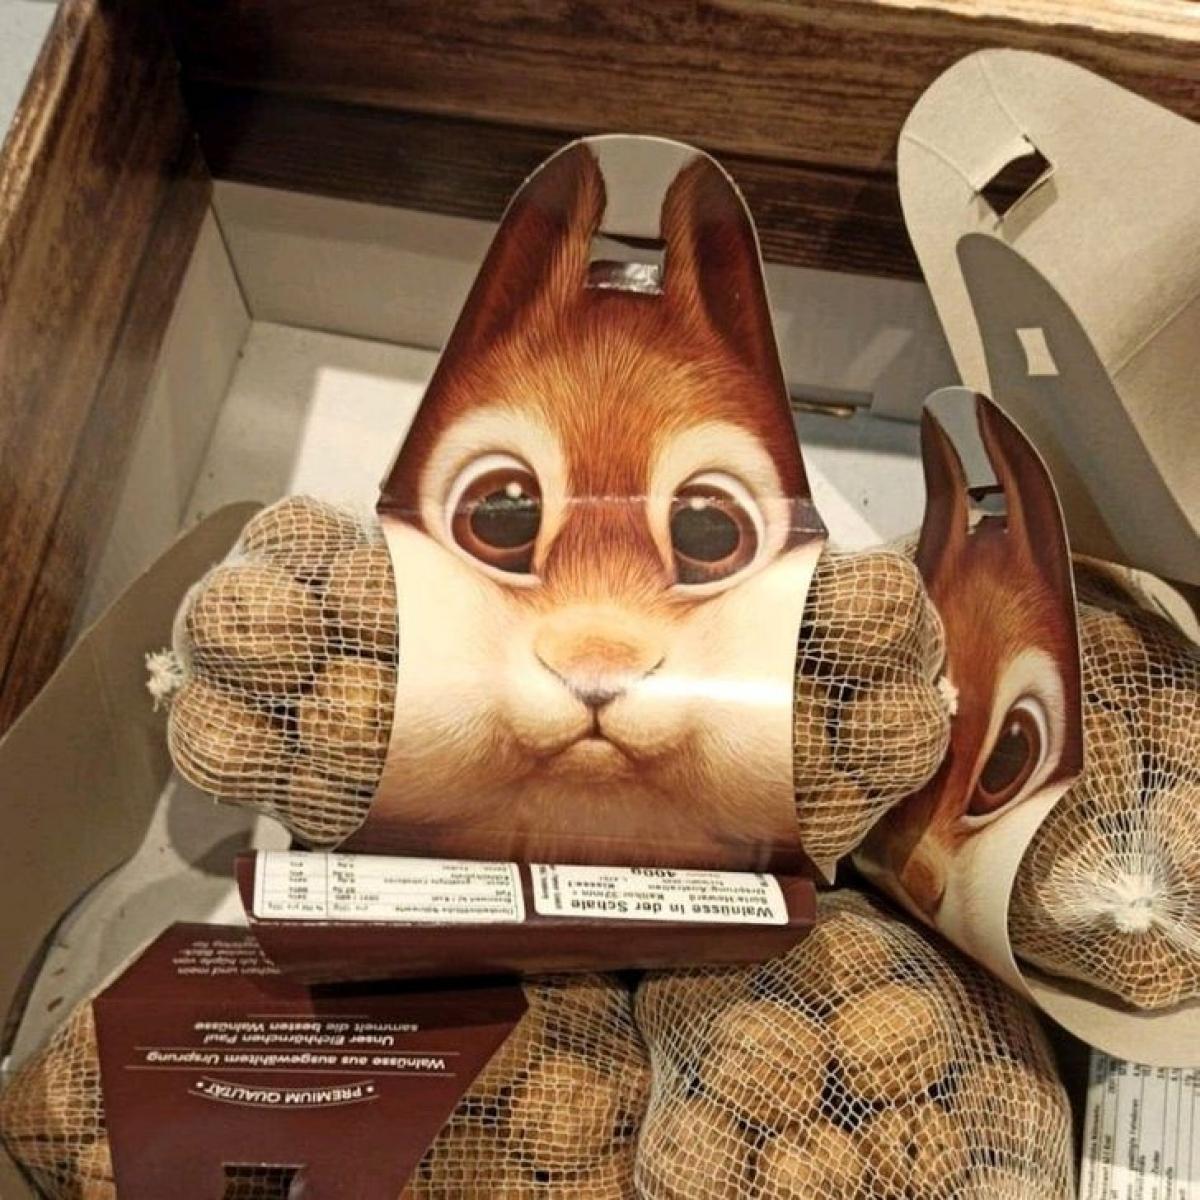 Người thiết kế khéo léo in hình chú thỏ ngộ nghĩnh ở túi hạt óc chó.